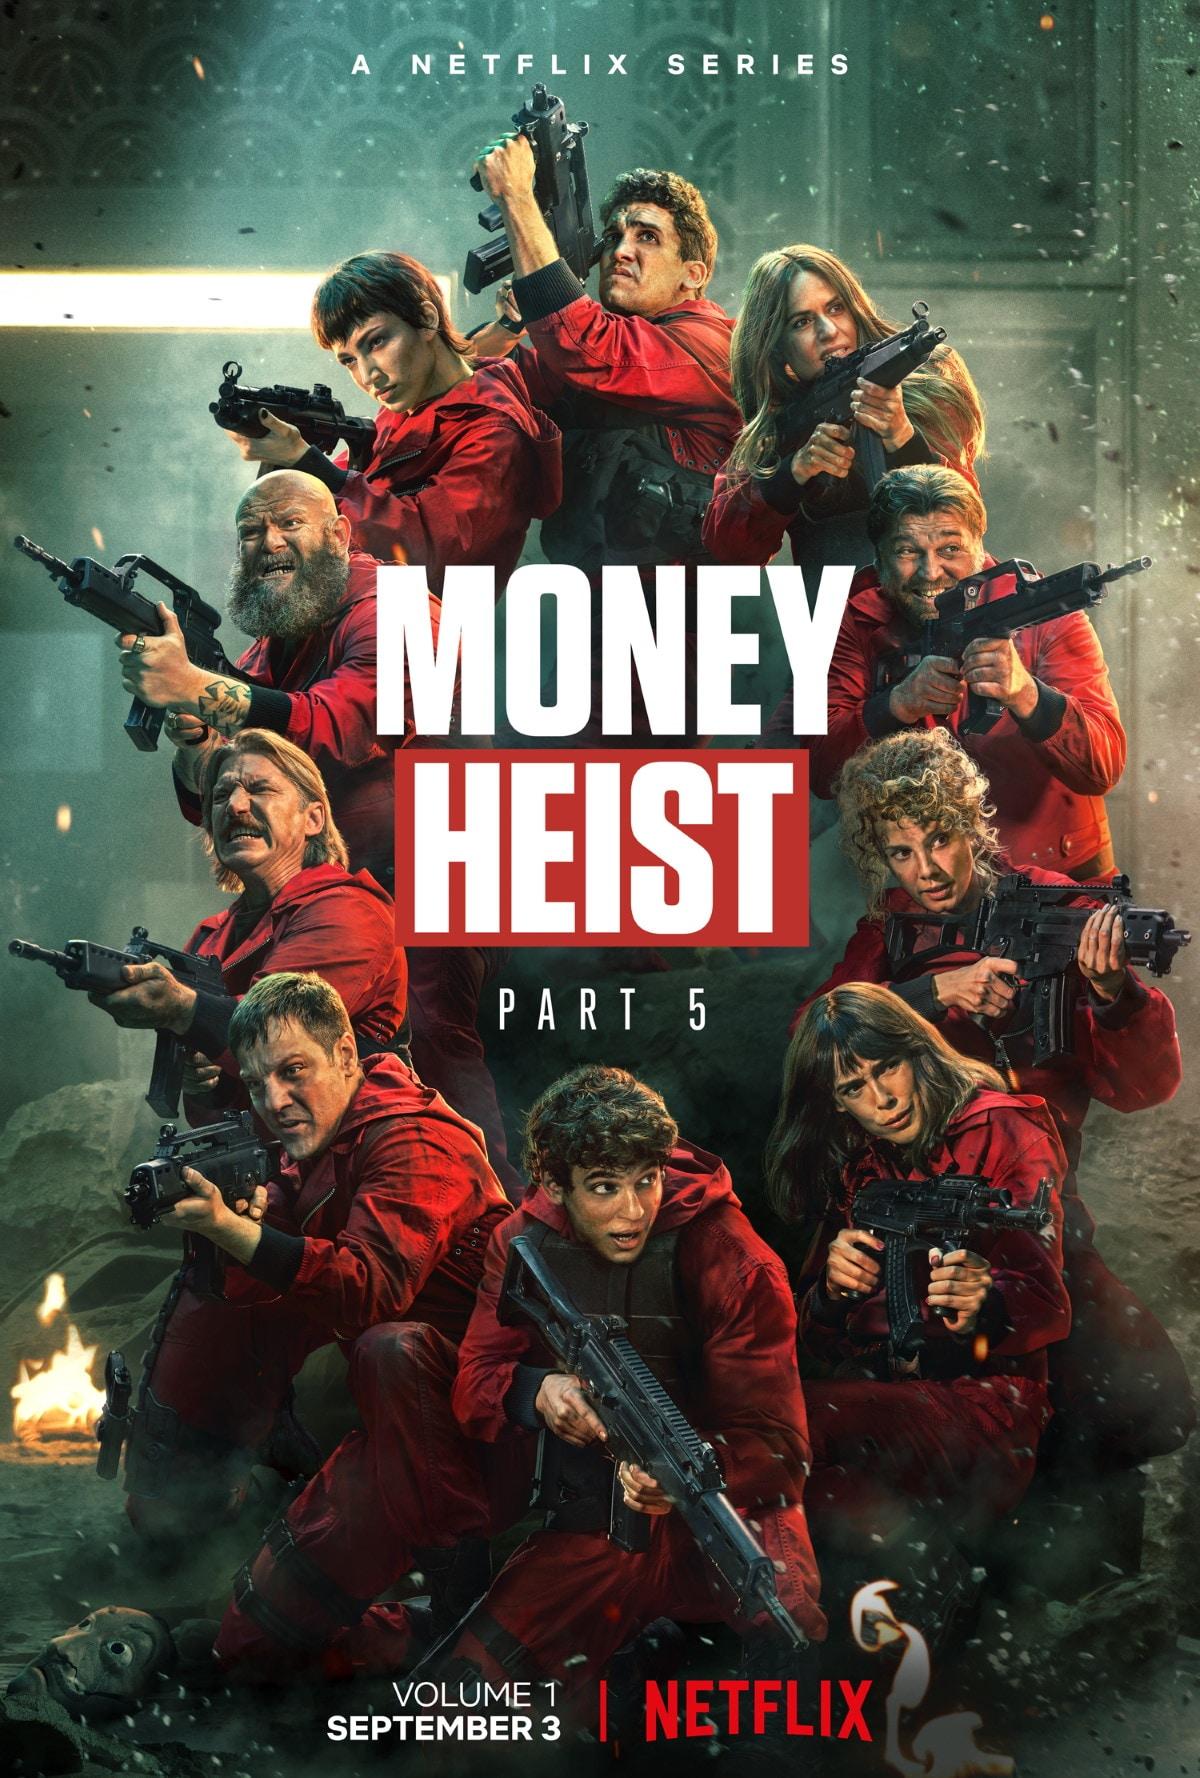 La Casa Di Papel [Money Heist] Season 5